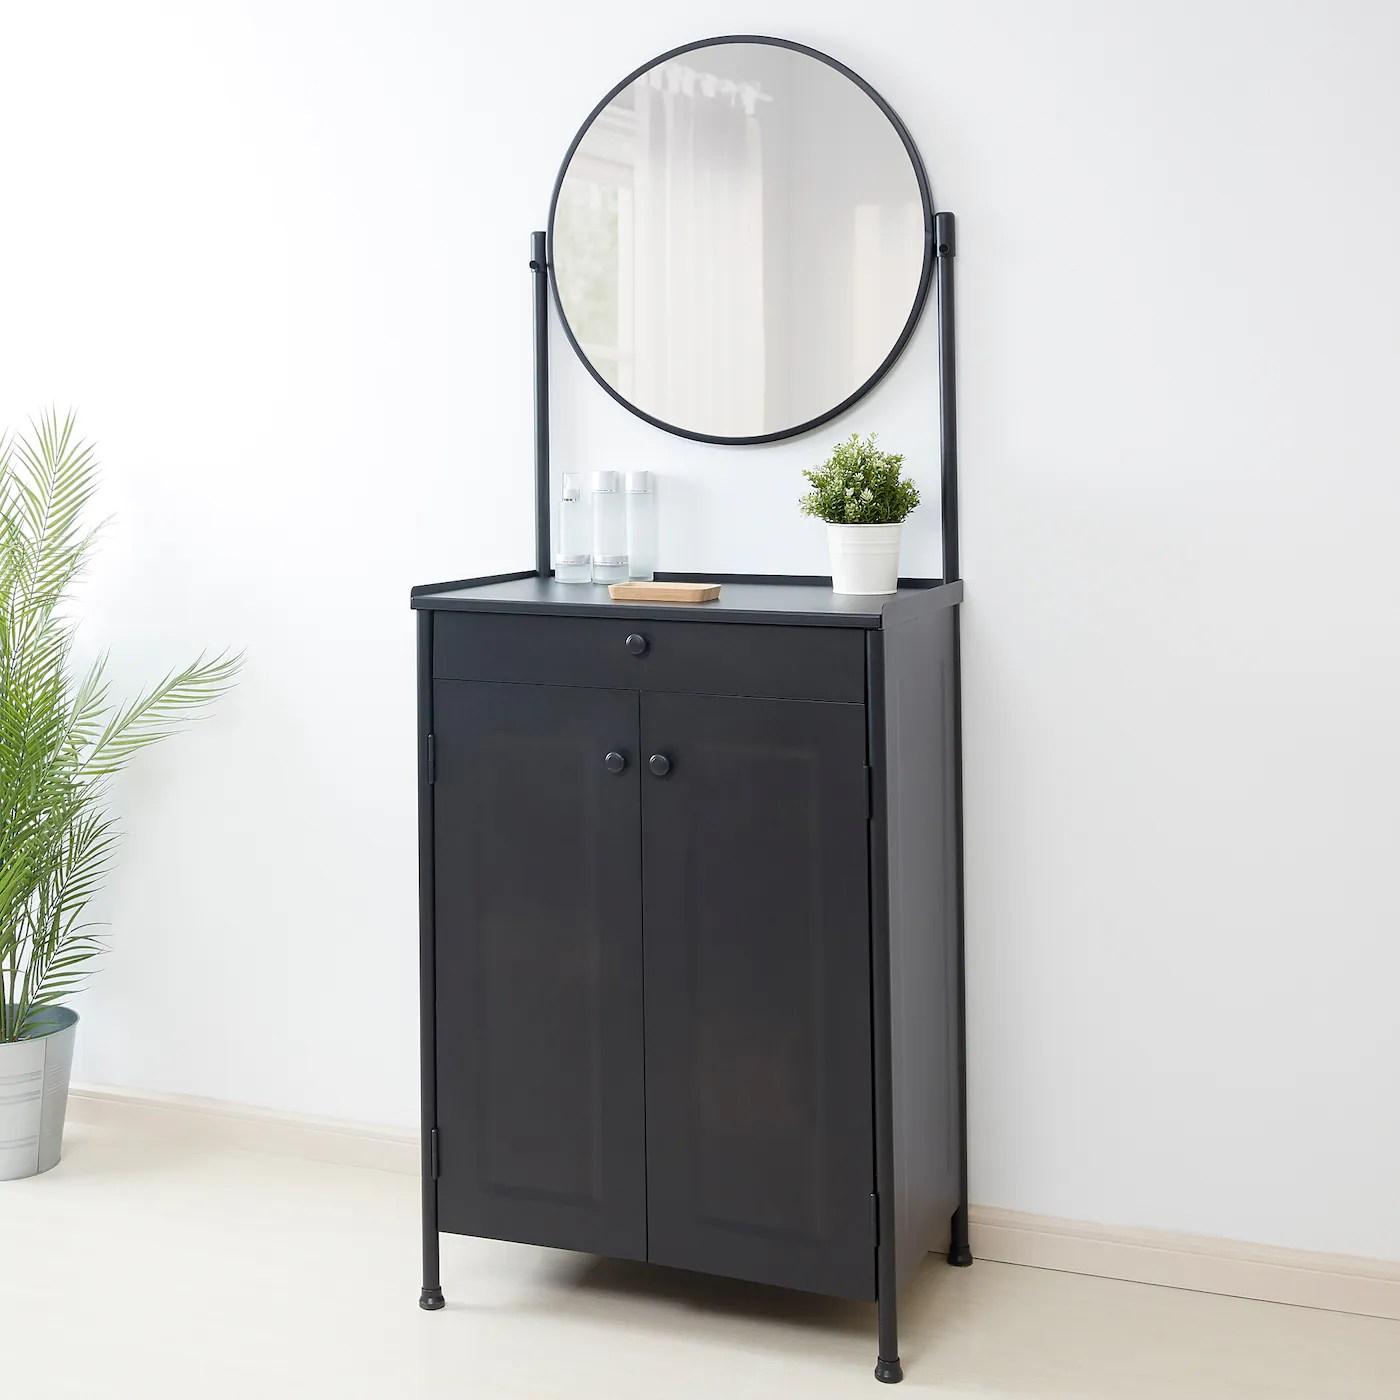 Kornsjo Rangement Avec Miroir Noir Magasinez Chez Ikea Ikea